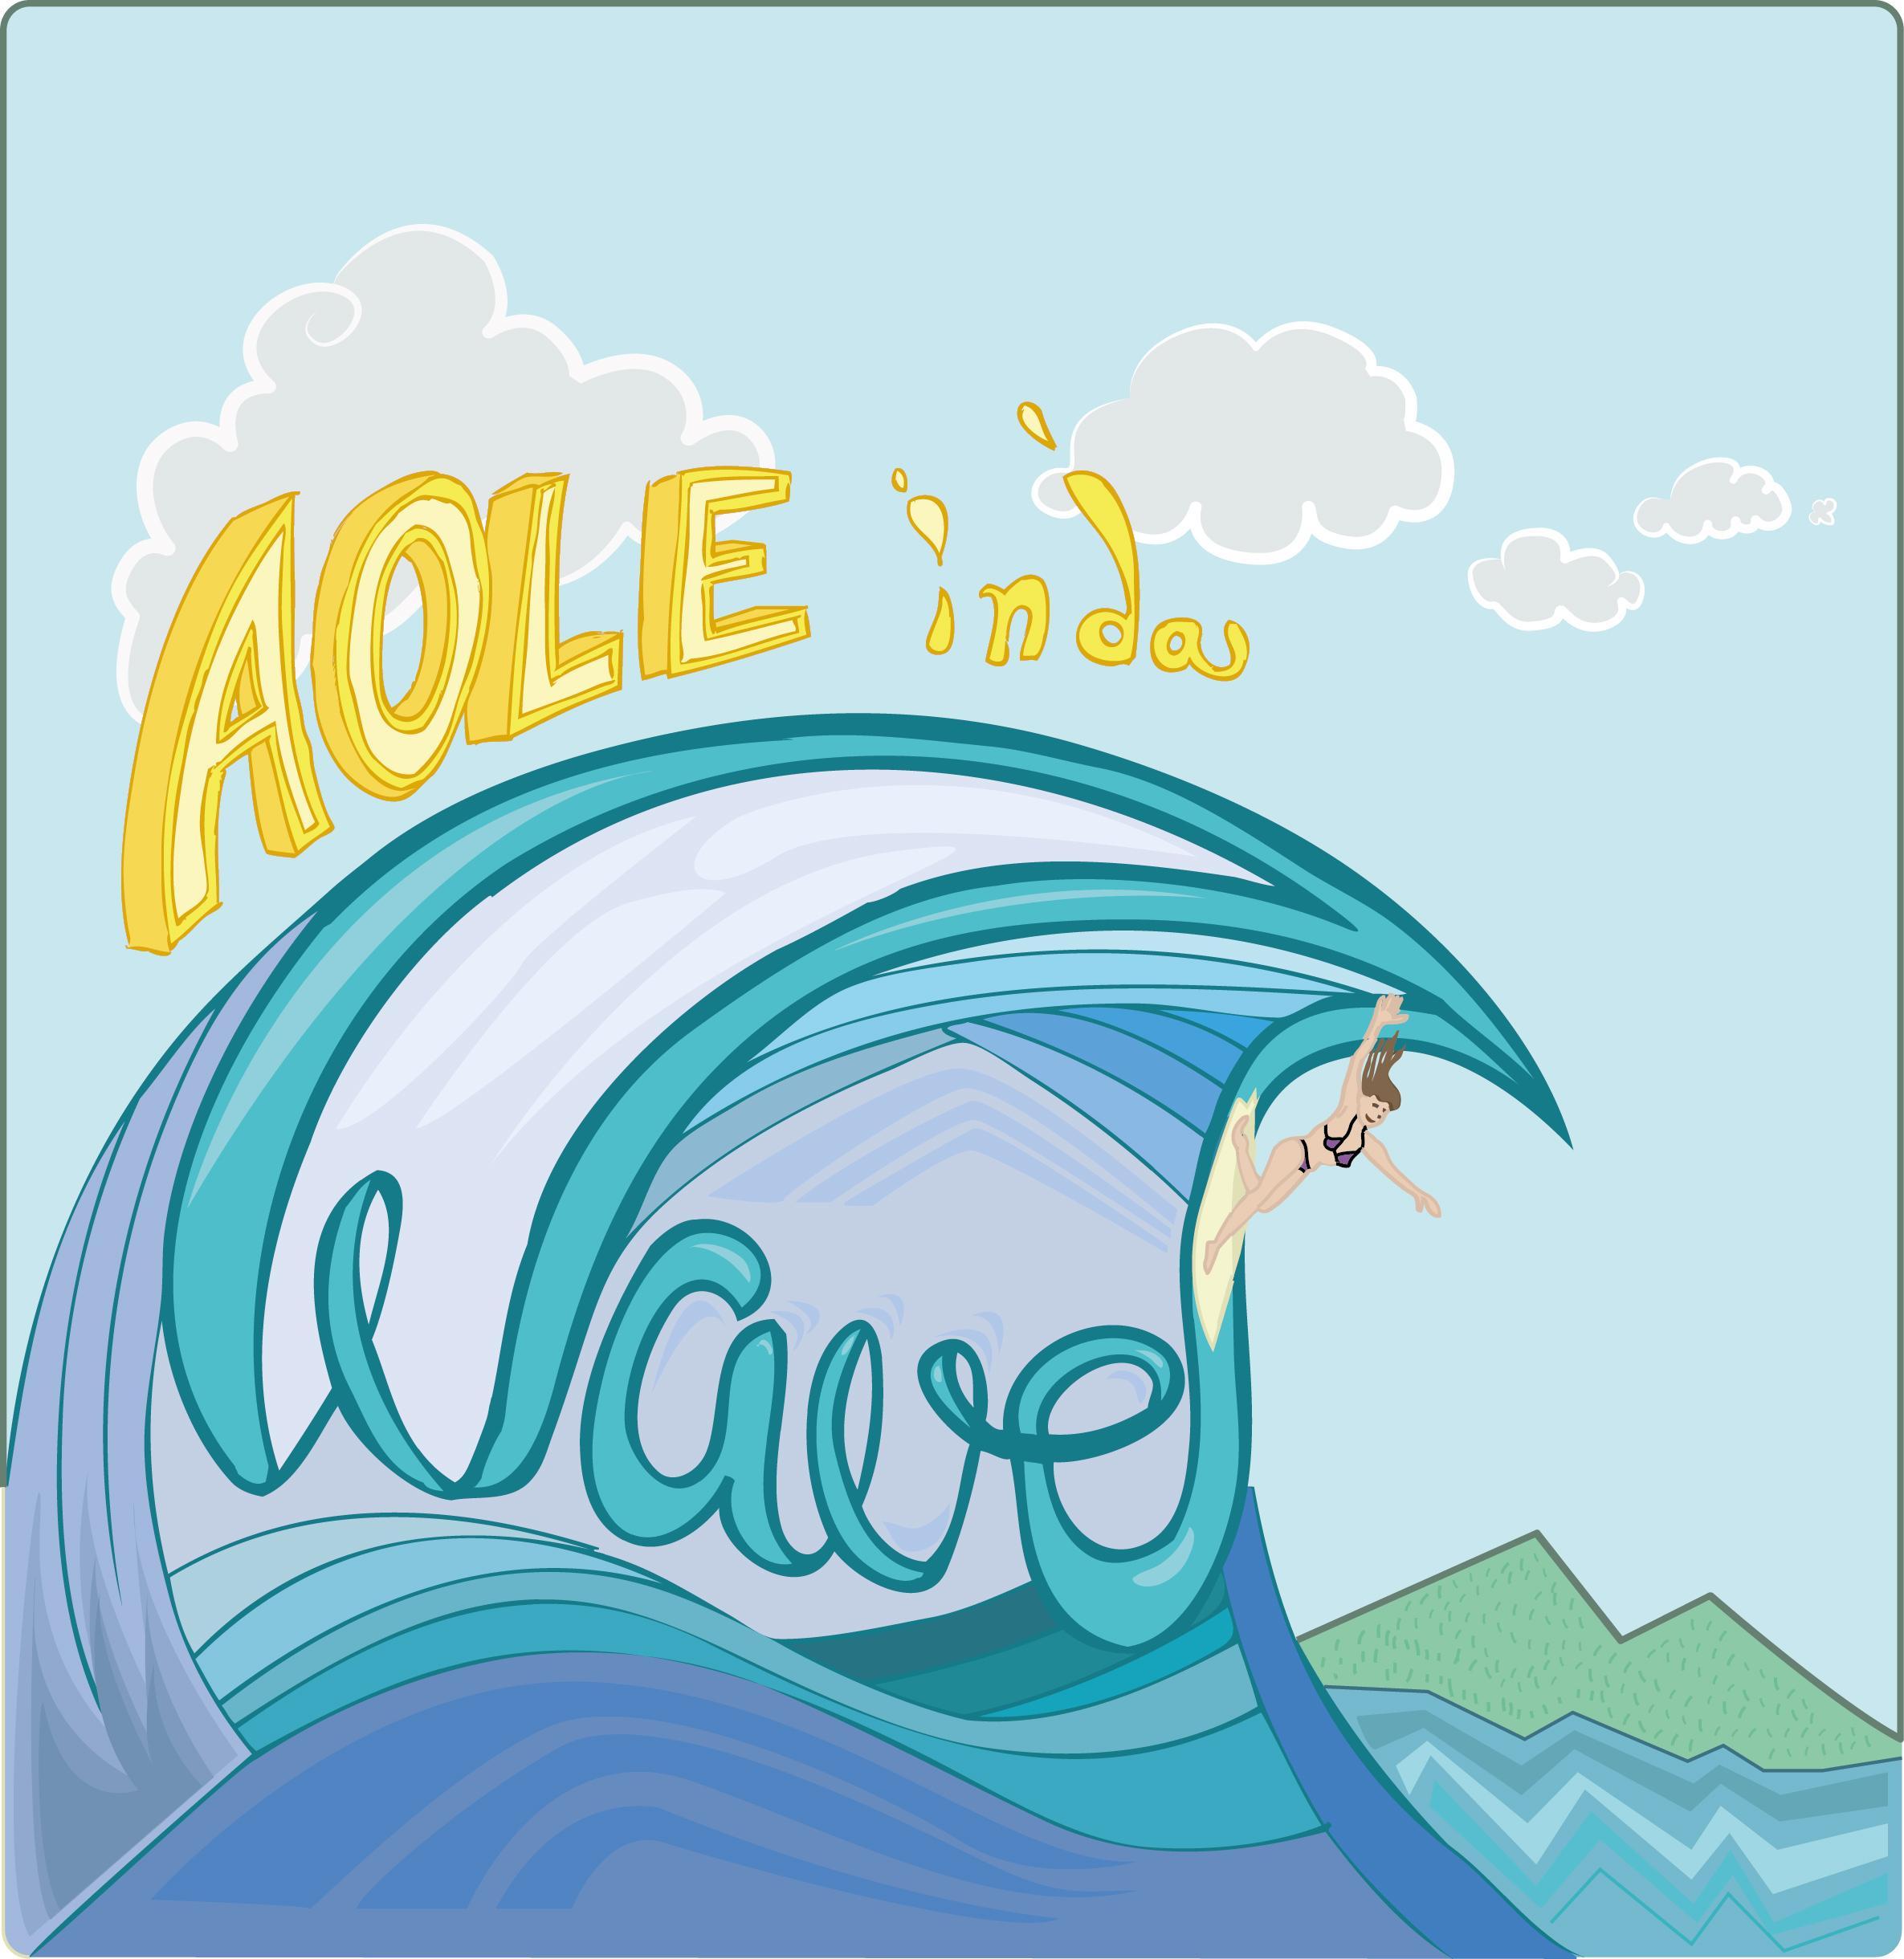 aole in da wave skillshare projects